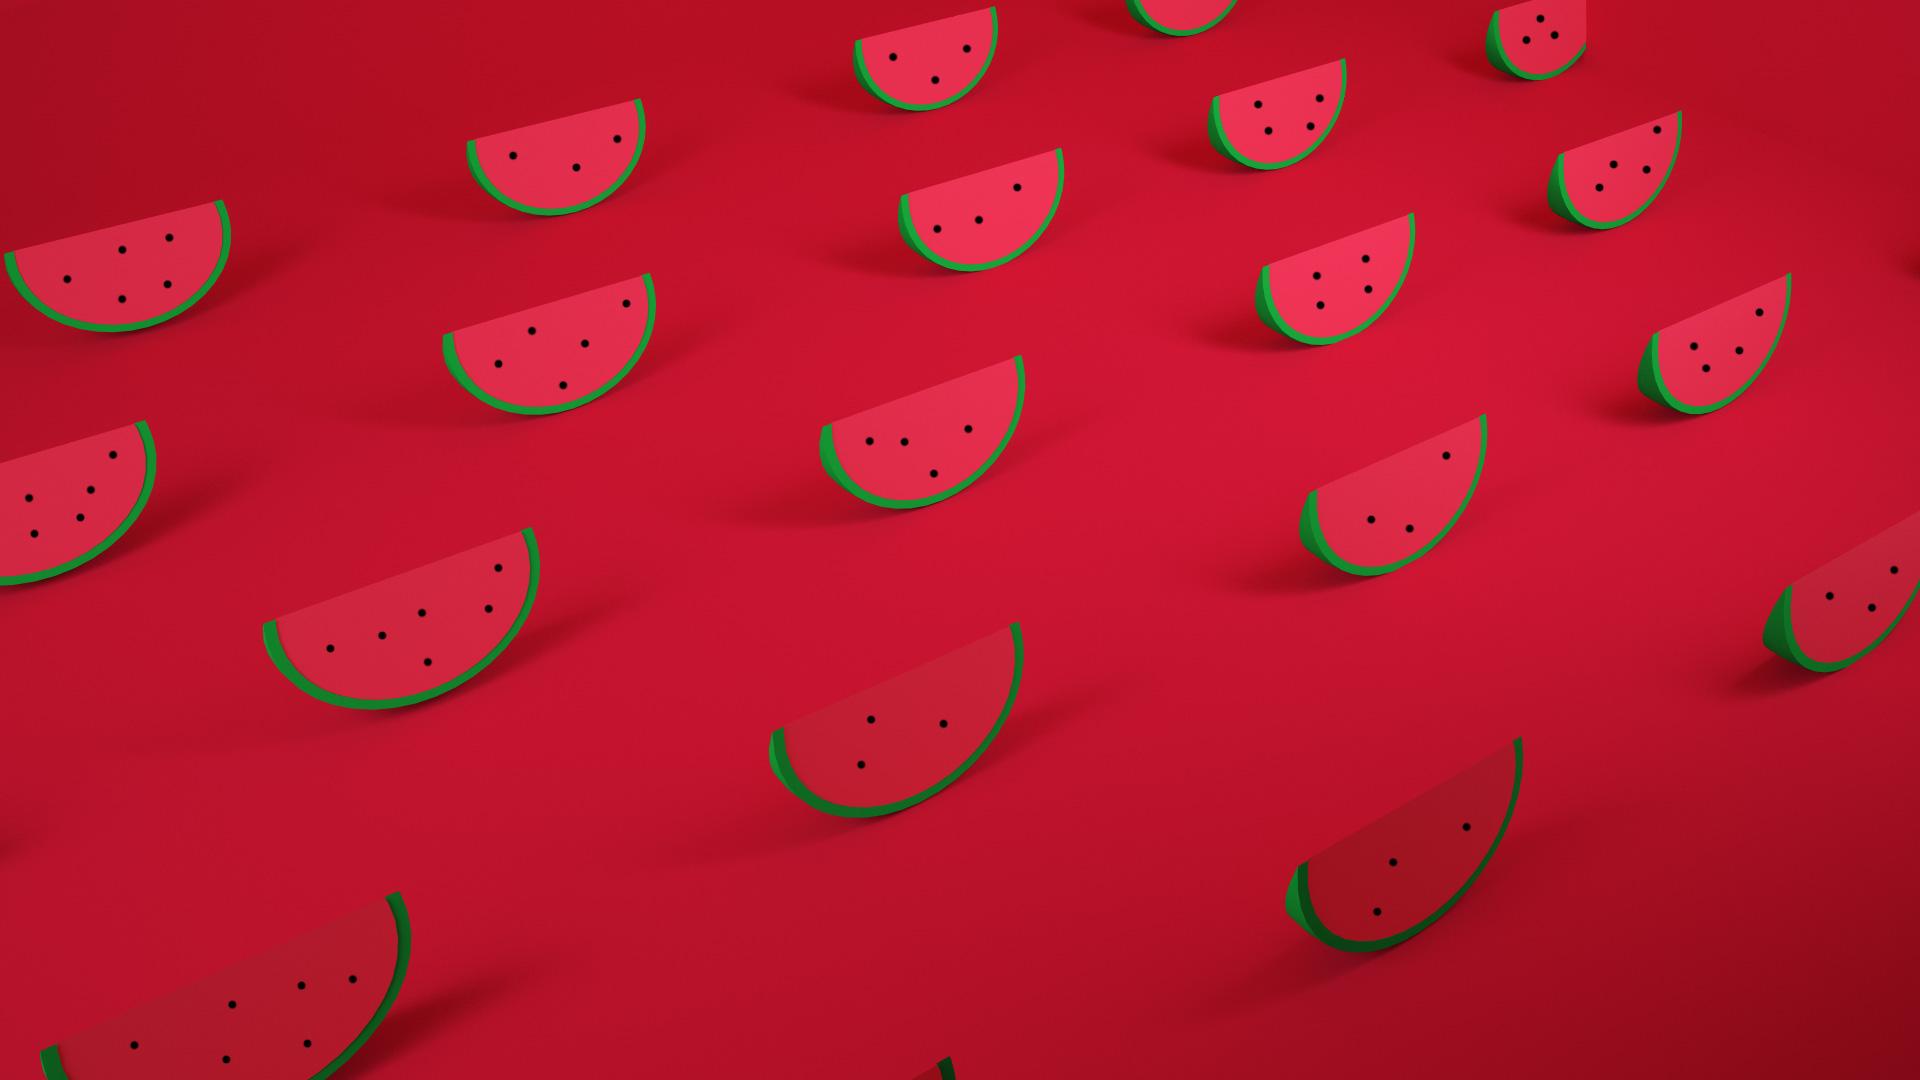 gemma mateu disseny vilafranca angels pinyol disculpi studio  - GEMMA MATEU - Disseny Identitat Nutrició i Dietètica